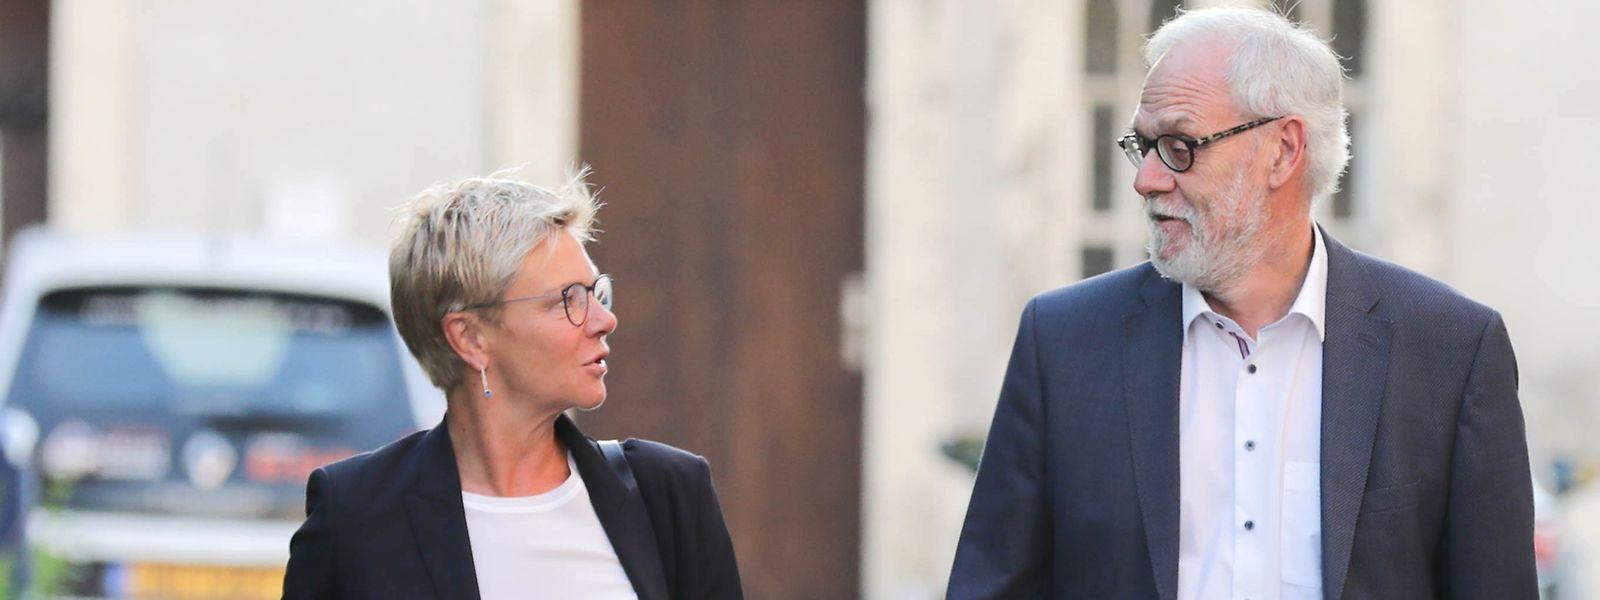 Martine Hansen, cheffe de fraction CSV, voit partir à regret un «député d'expérience».